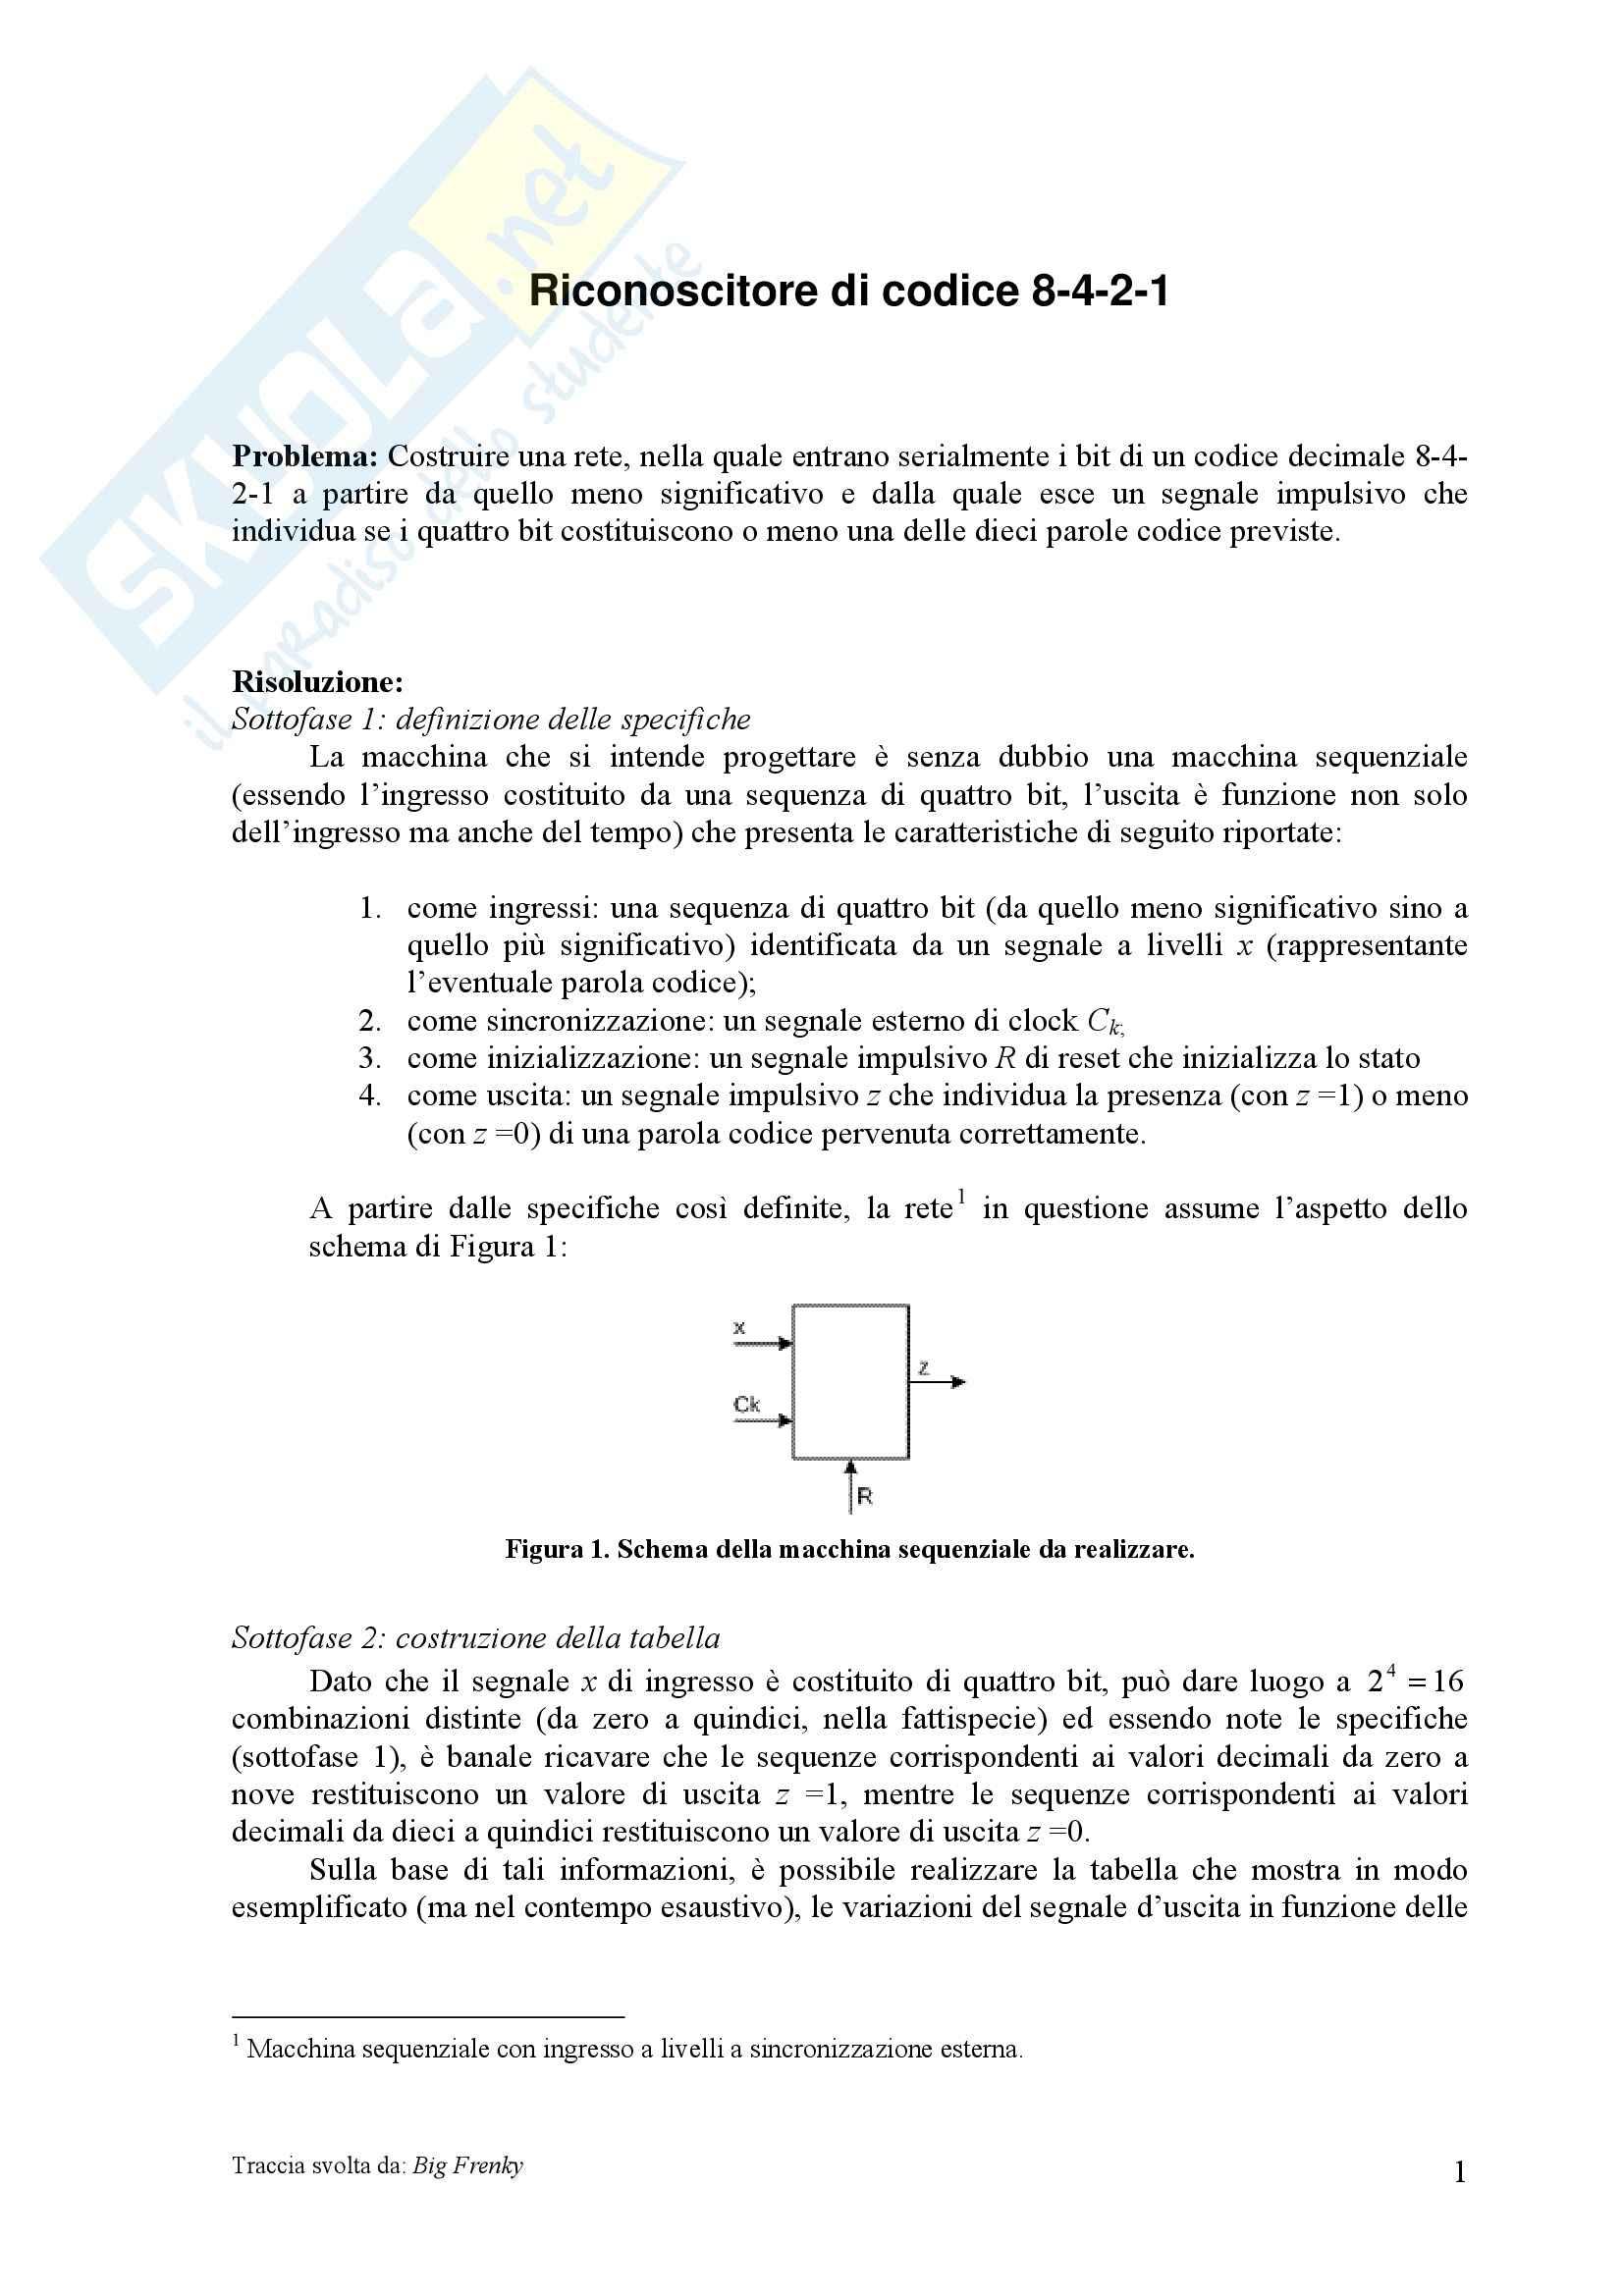 Reti Logiche - riconoscitore di codice 8-4-2-1